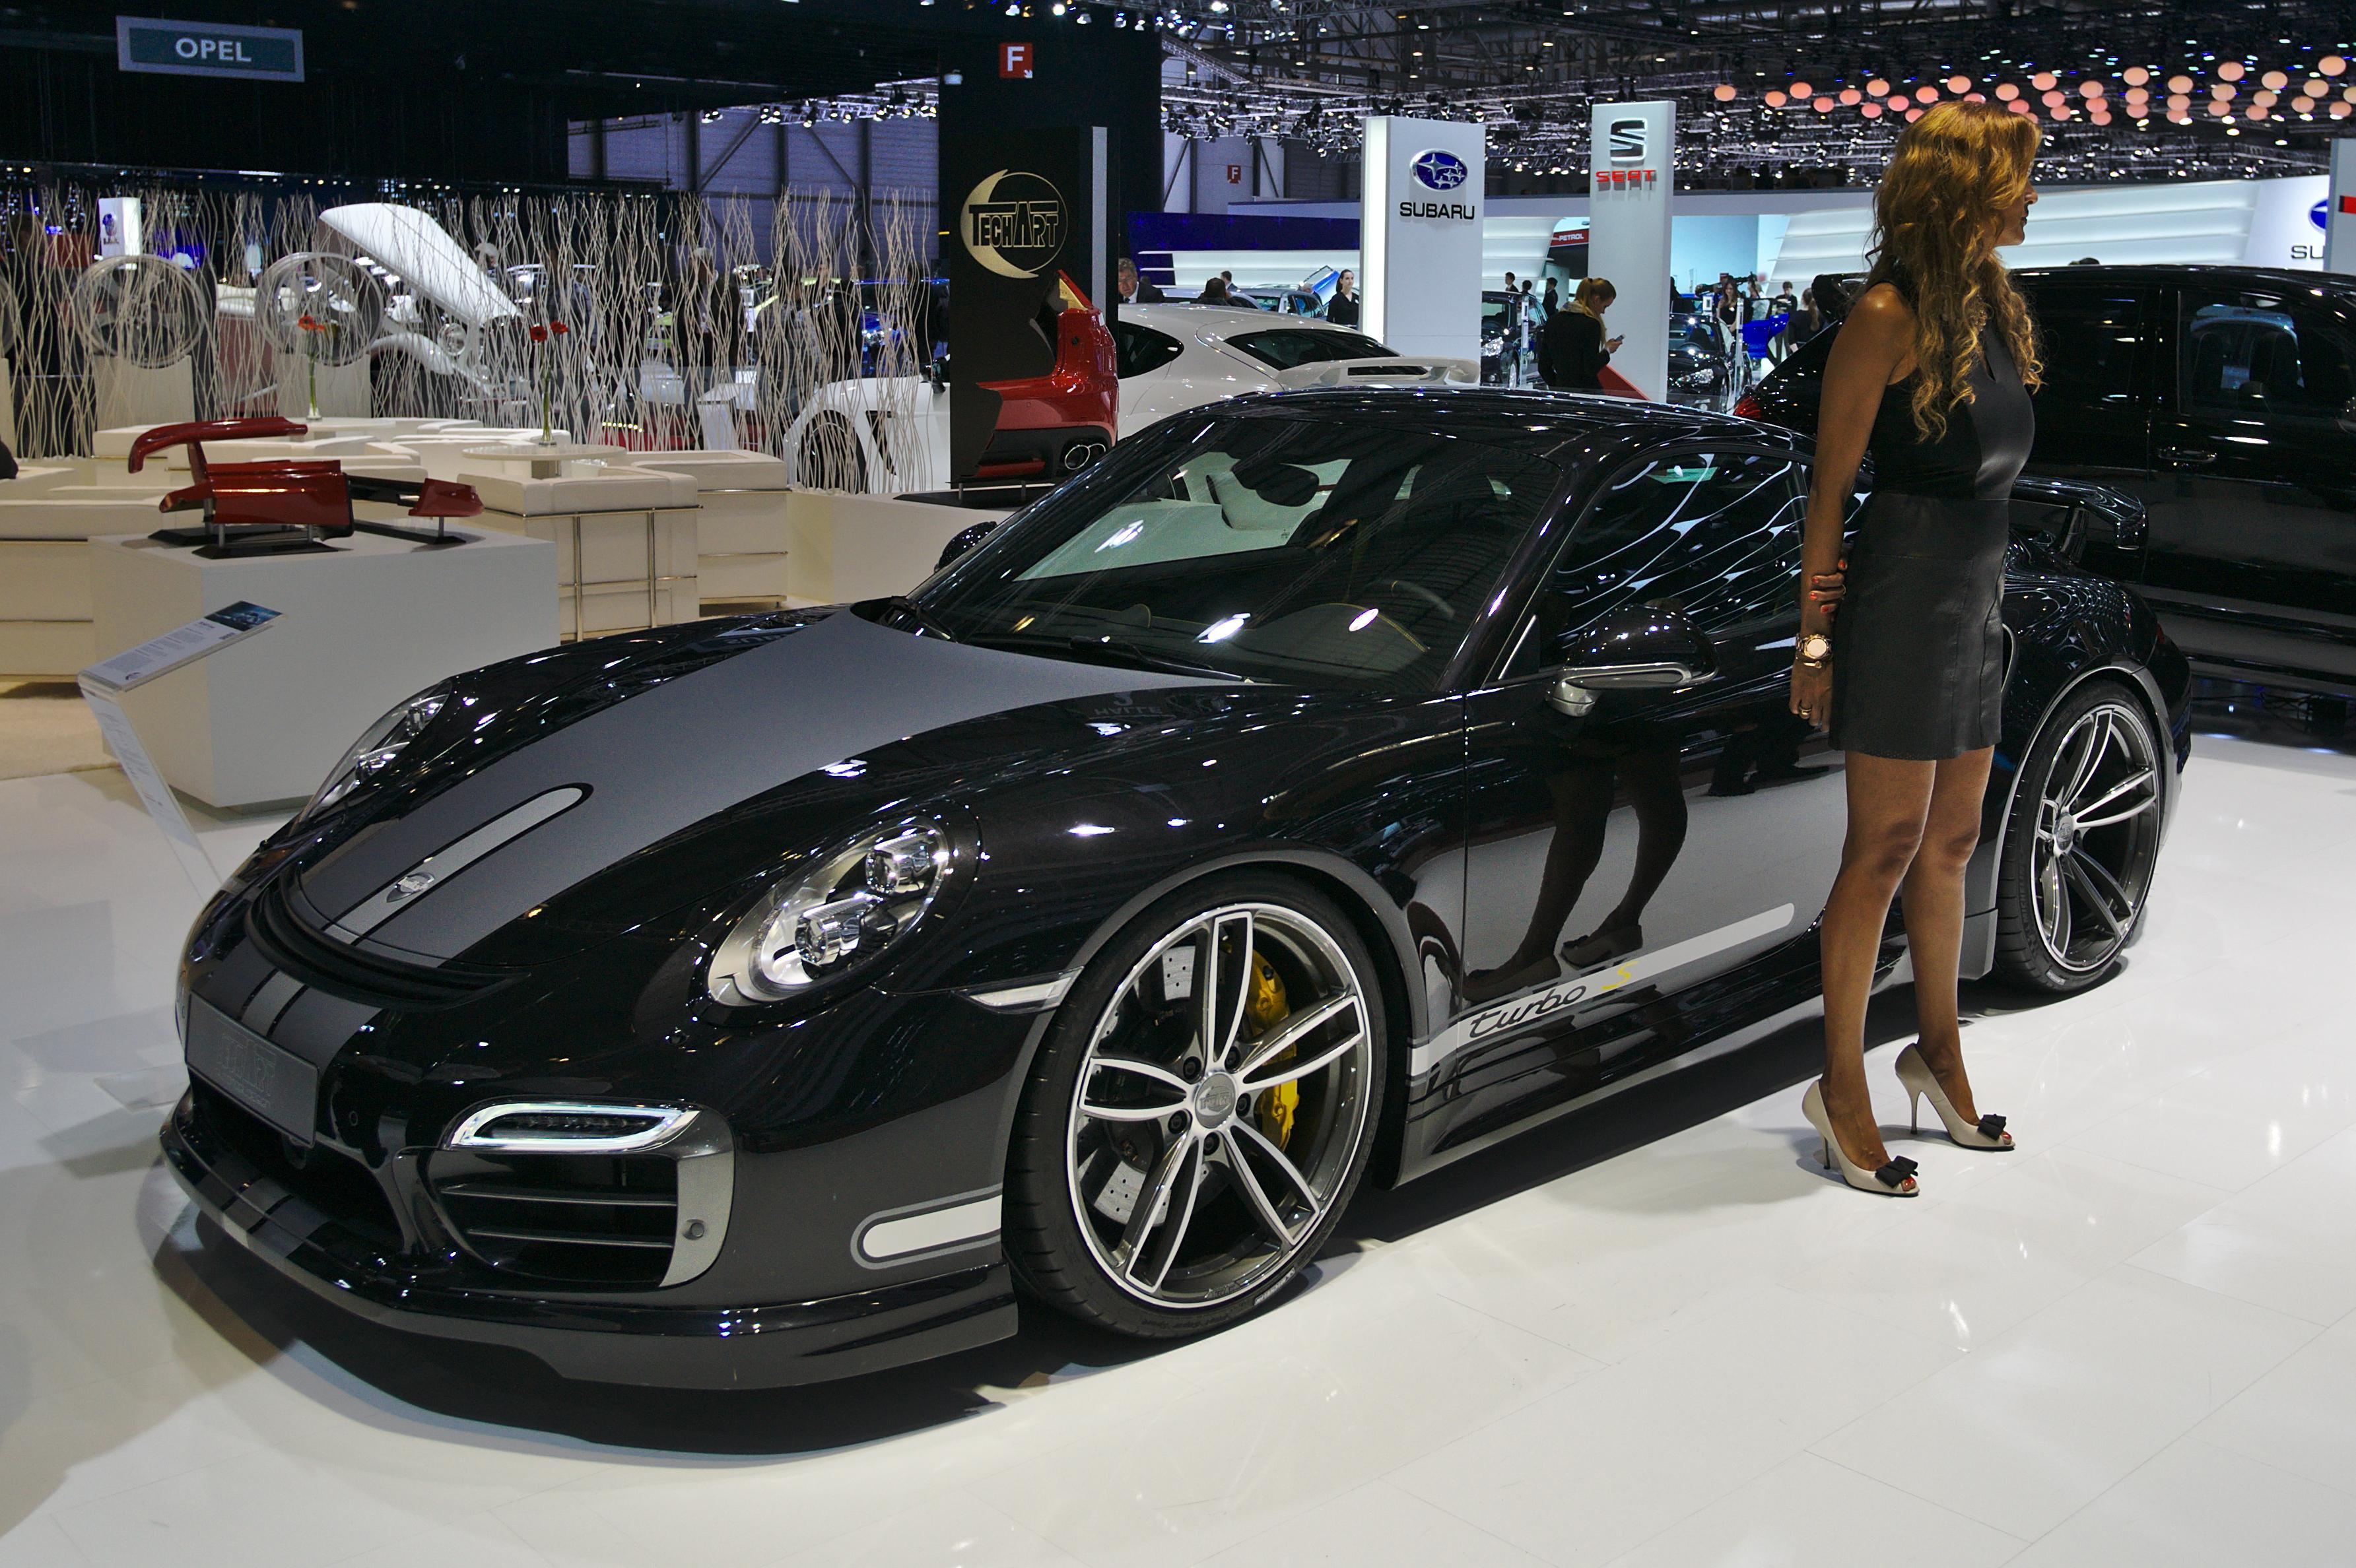 File salon de l 39 auto de gen ve 2014 20140305 techart porsche 911 turbo wikimedia commons - Salon de l automobile 2014 ...